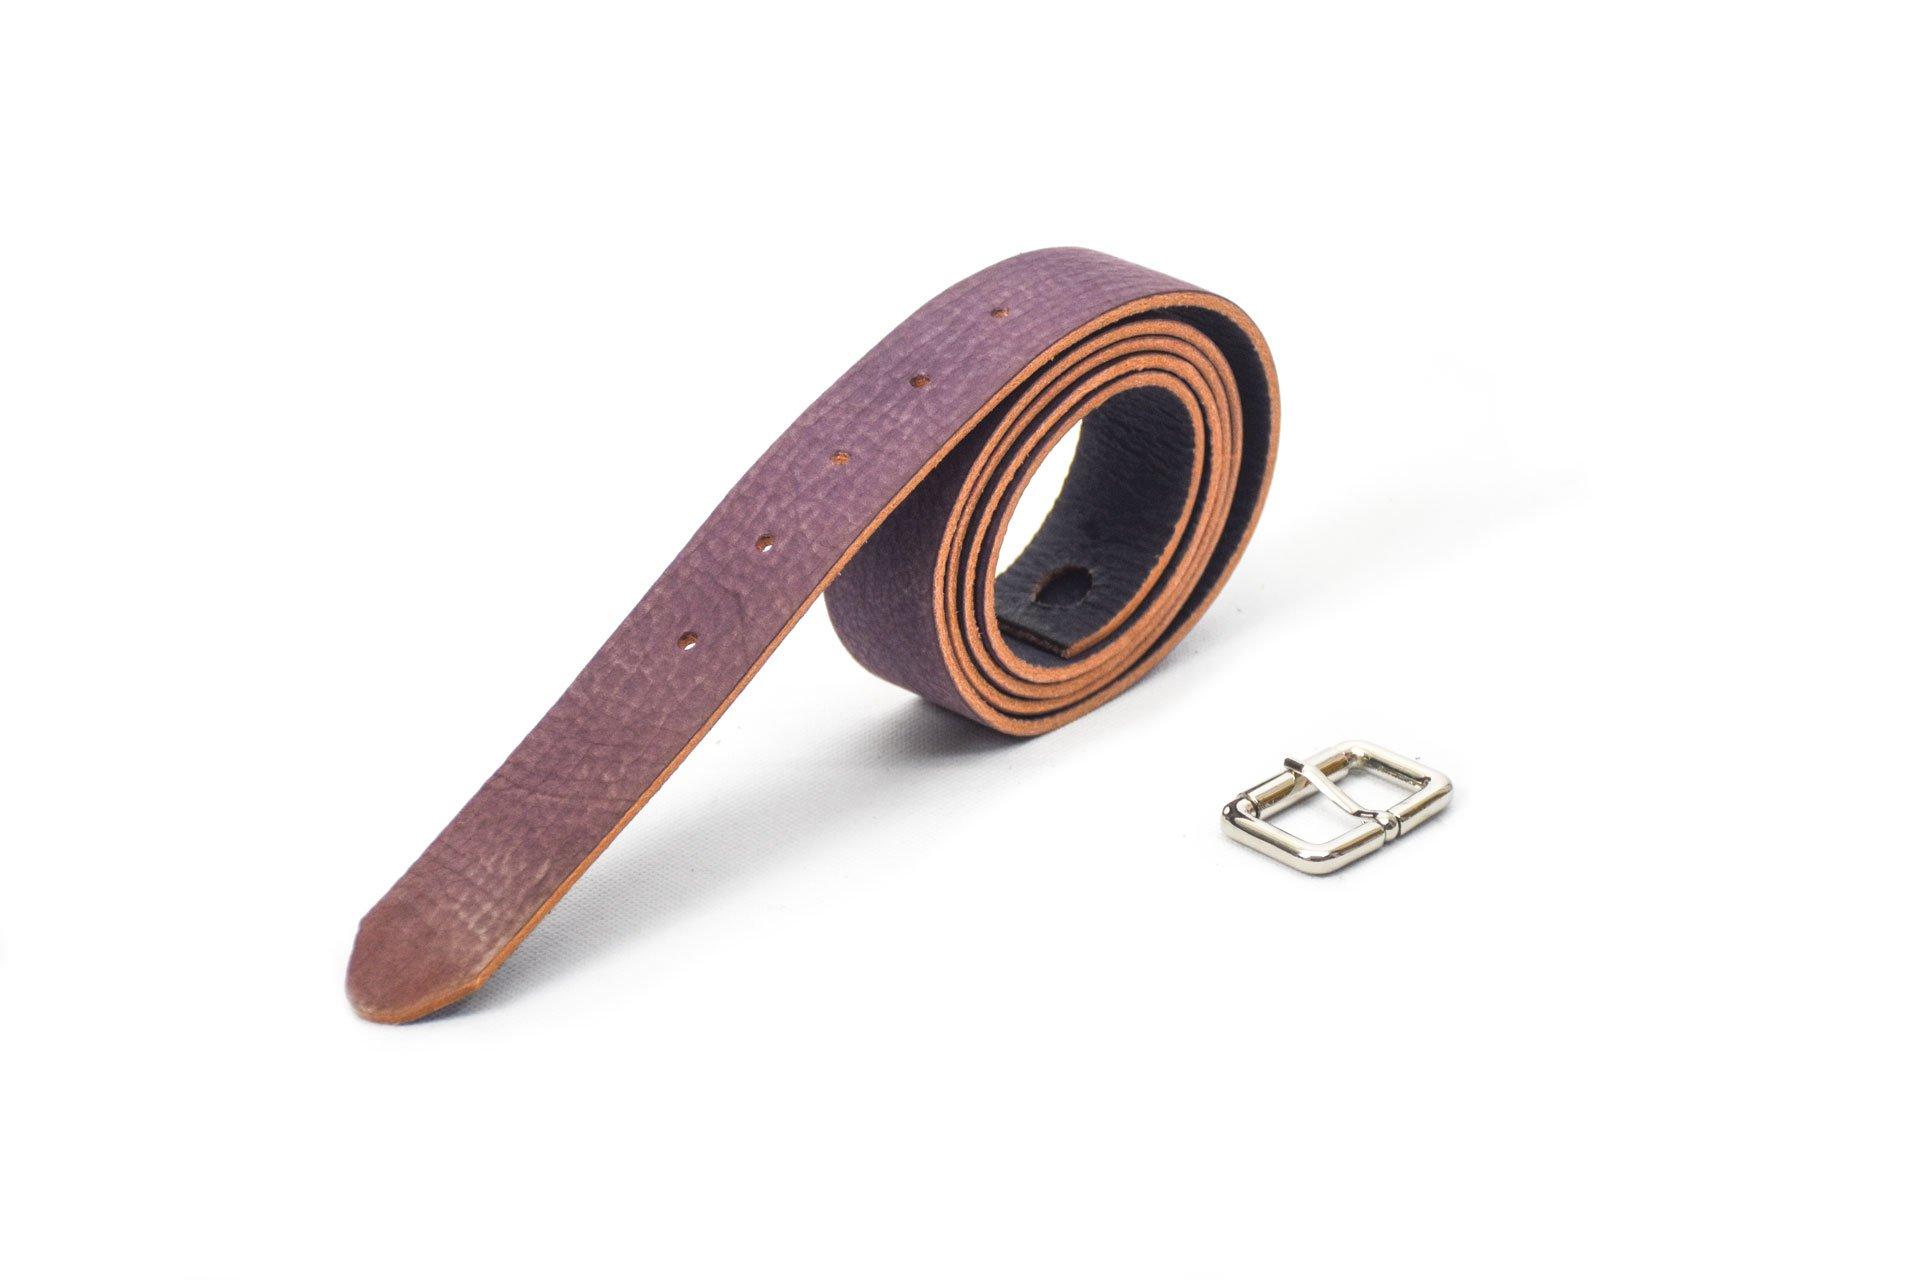 cinturón de piel violeta handmade women 3.5cm